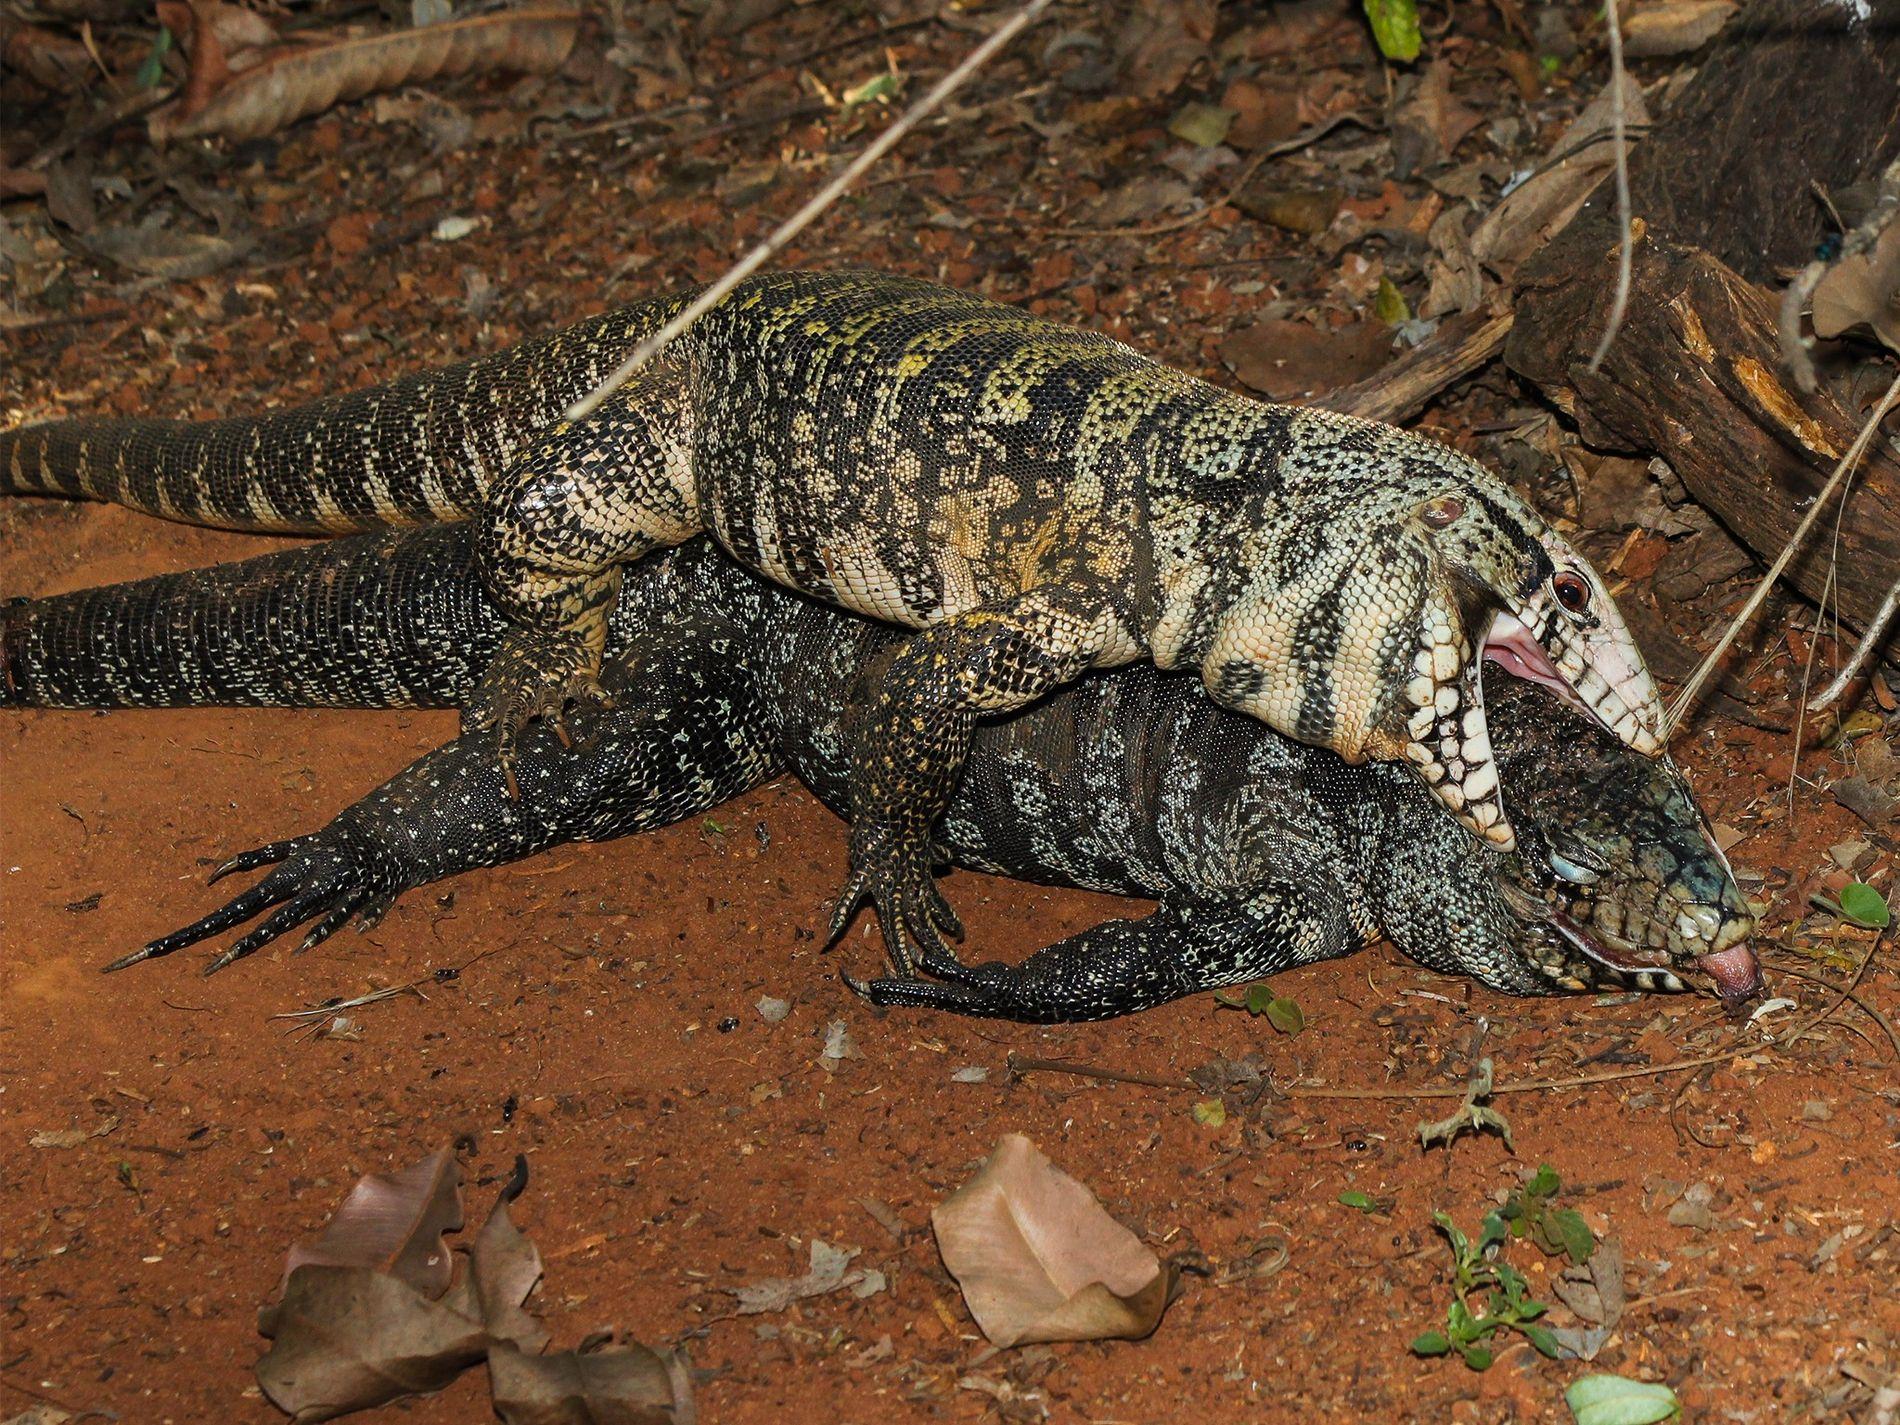 Ein männlicher Schwarzweißer Teju öffnet das Maul und versucht, sich mit einem Weibchen zu paaren, das seit zwei Tagen tot ist.